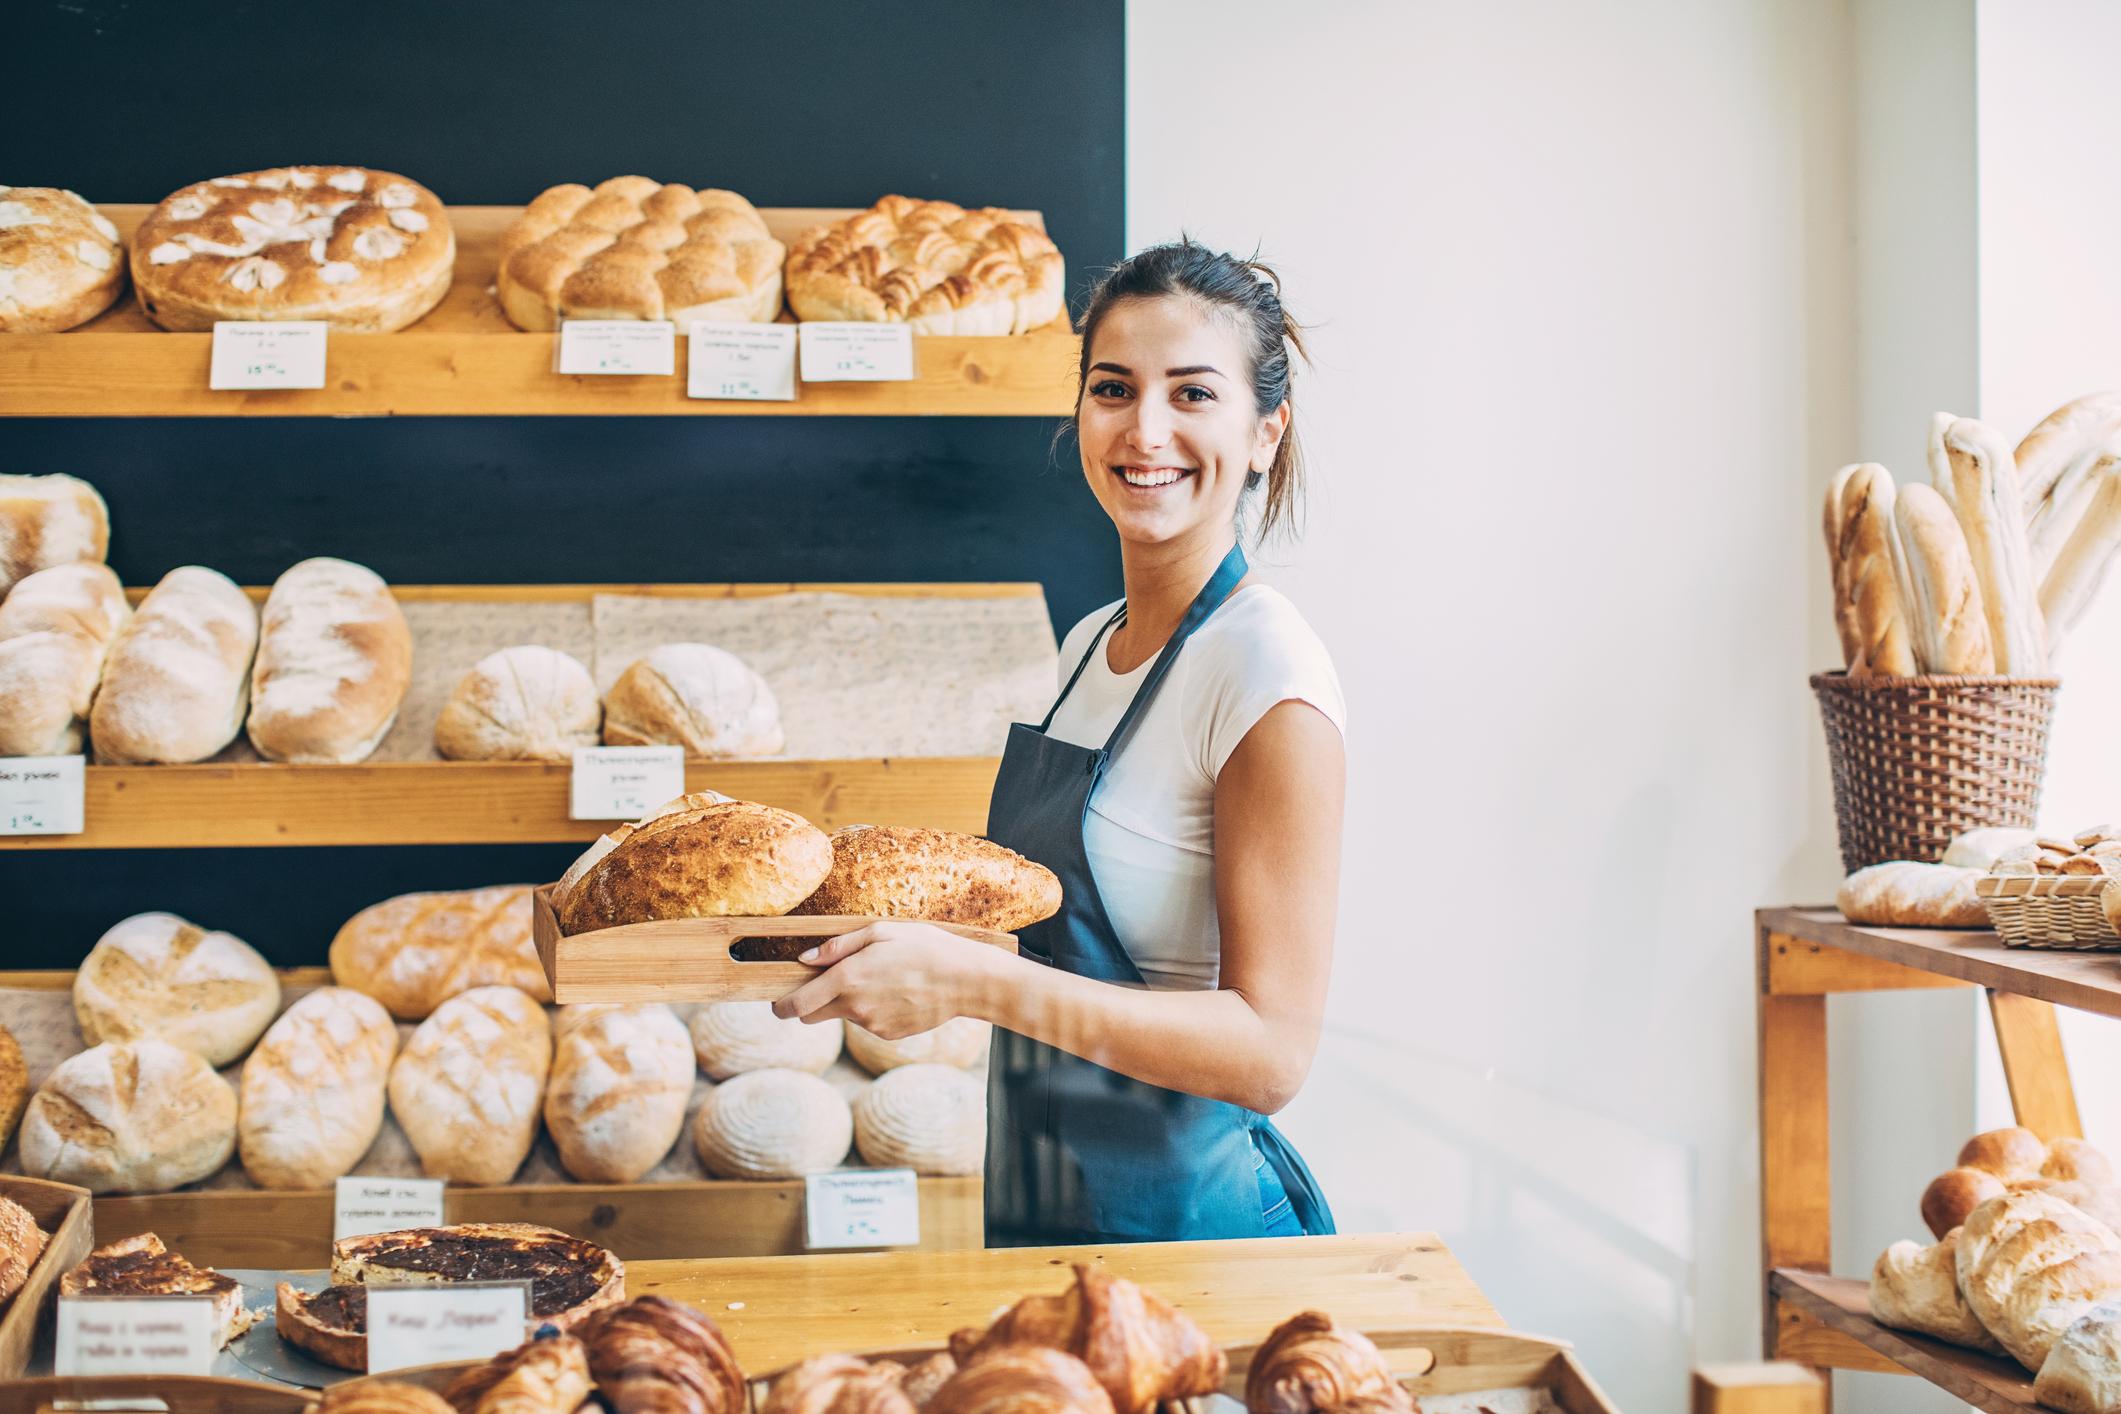 Bakery & Cafe Established 40 Years